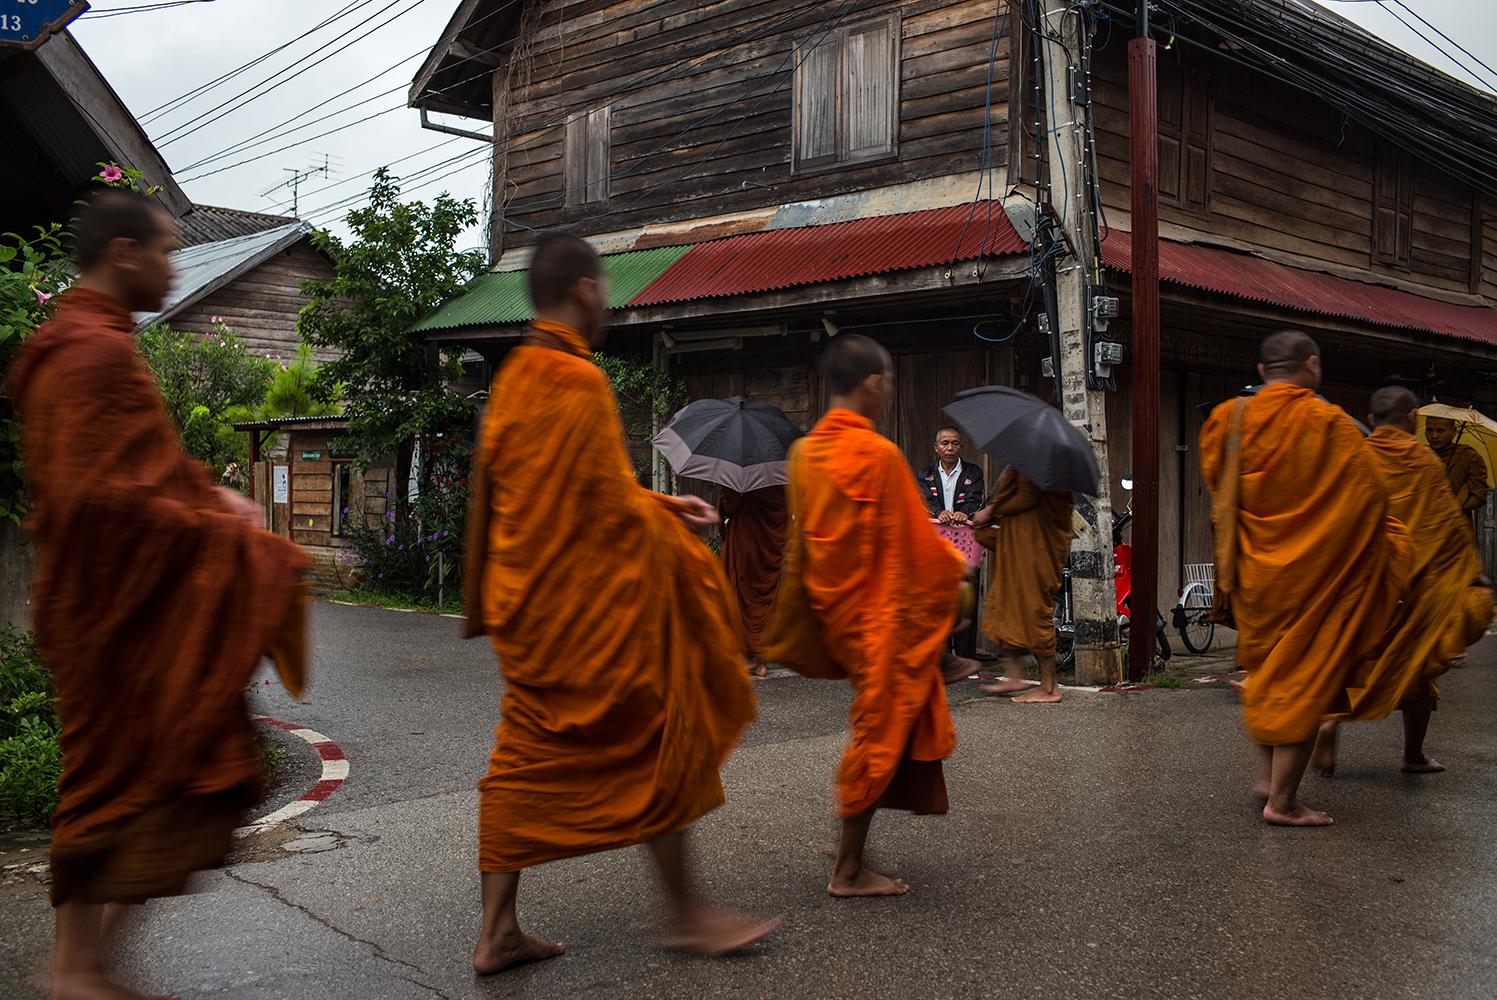 ChiangKhan2015Aug_002_s.jpg